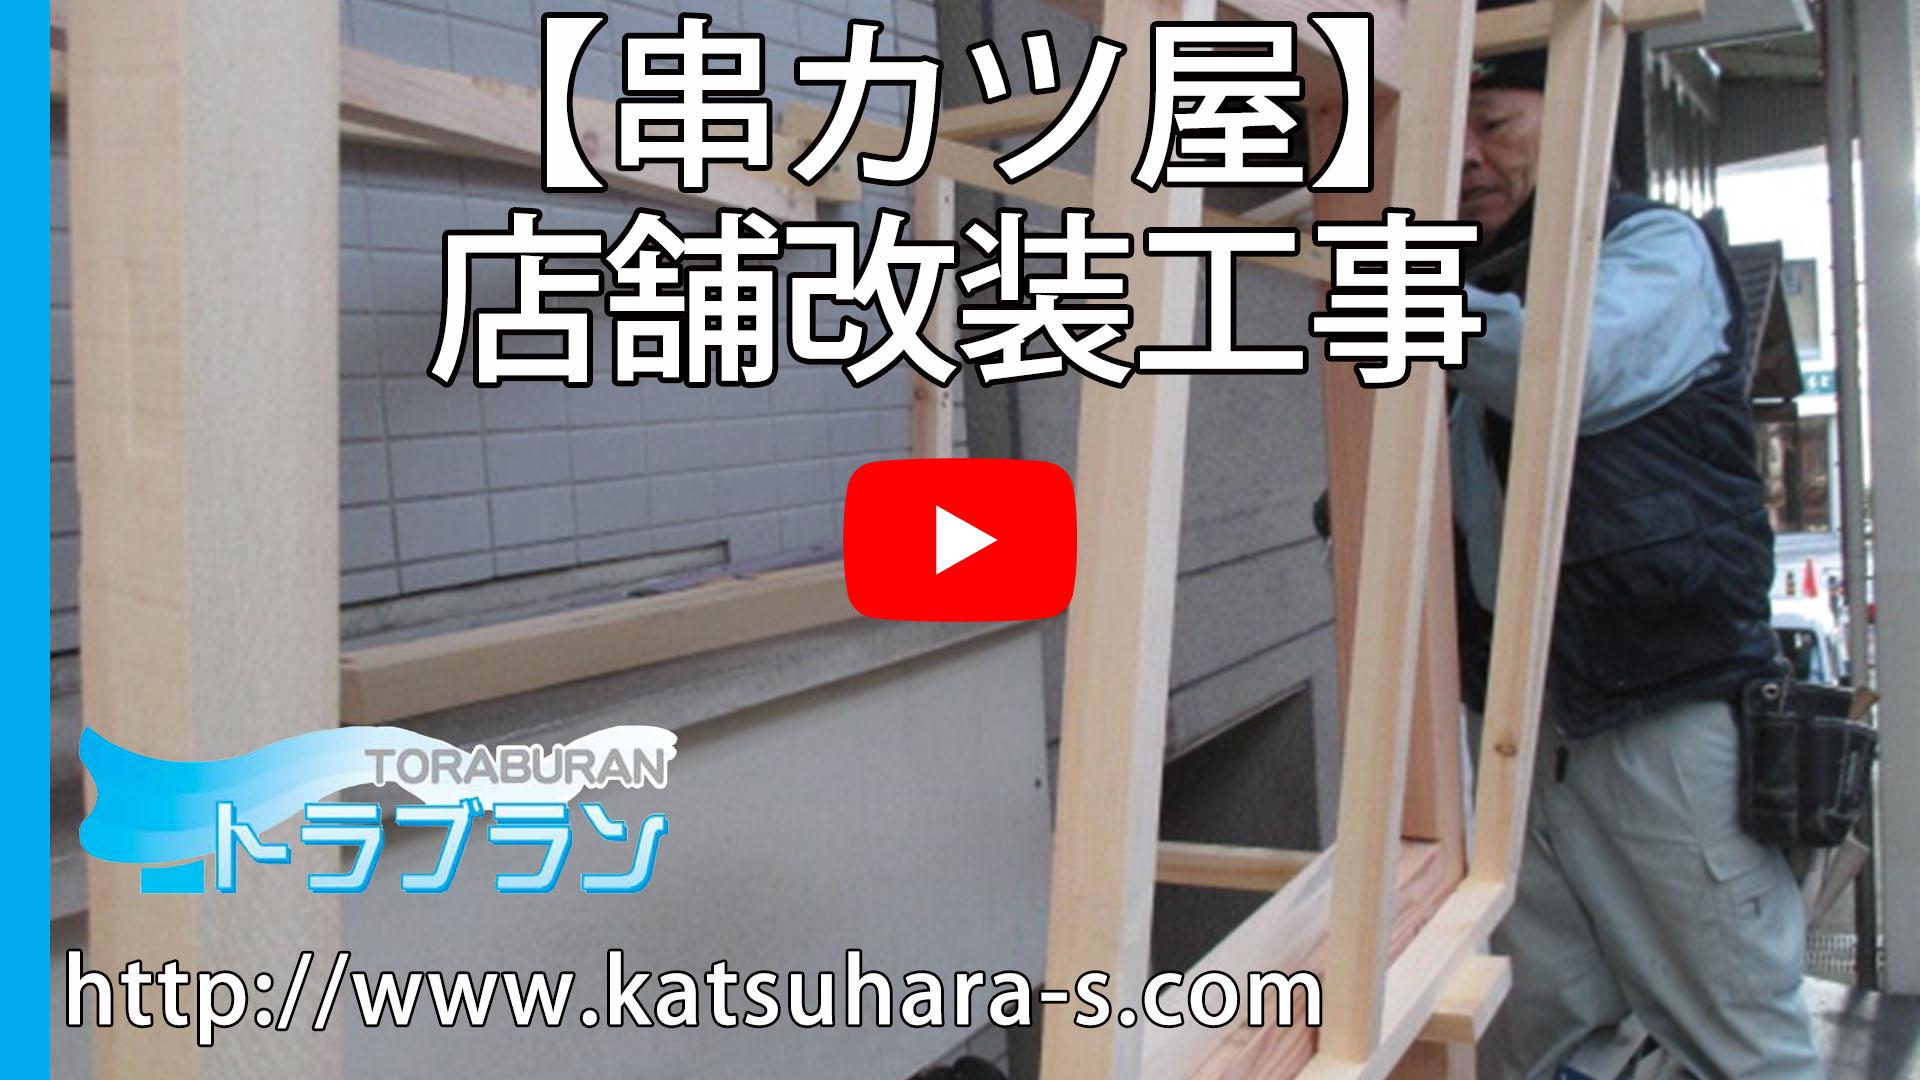 串カツ屋 開店改装工事  店舗 神戸 トラブラン